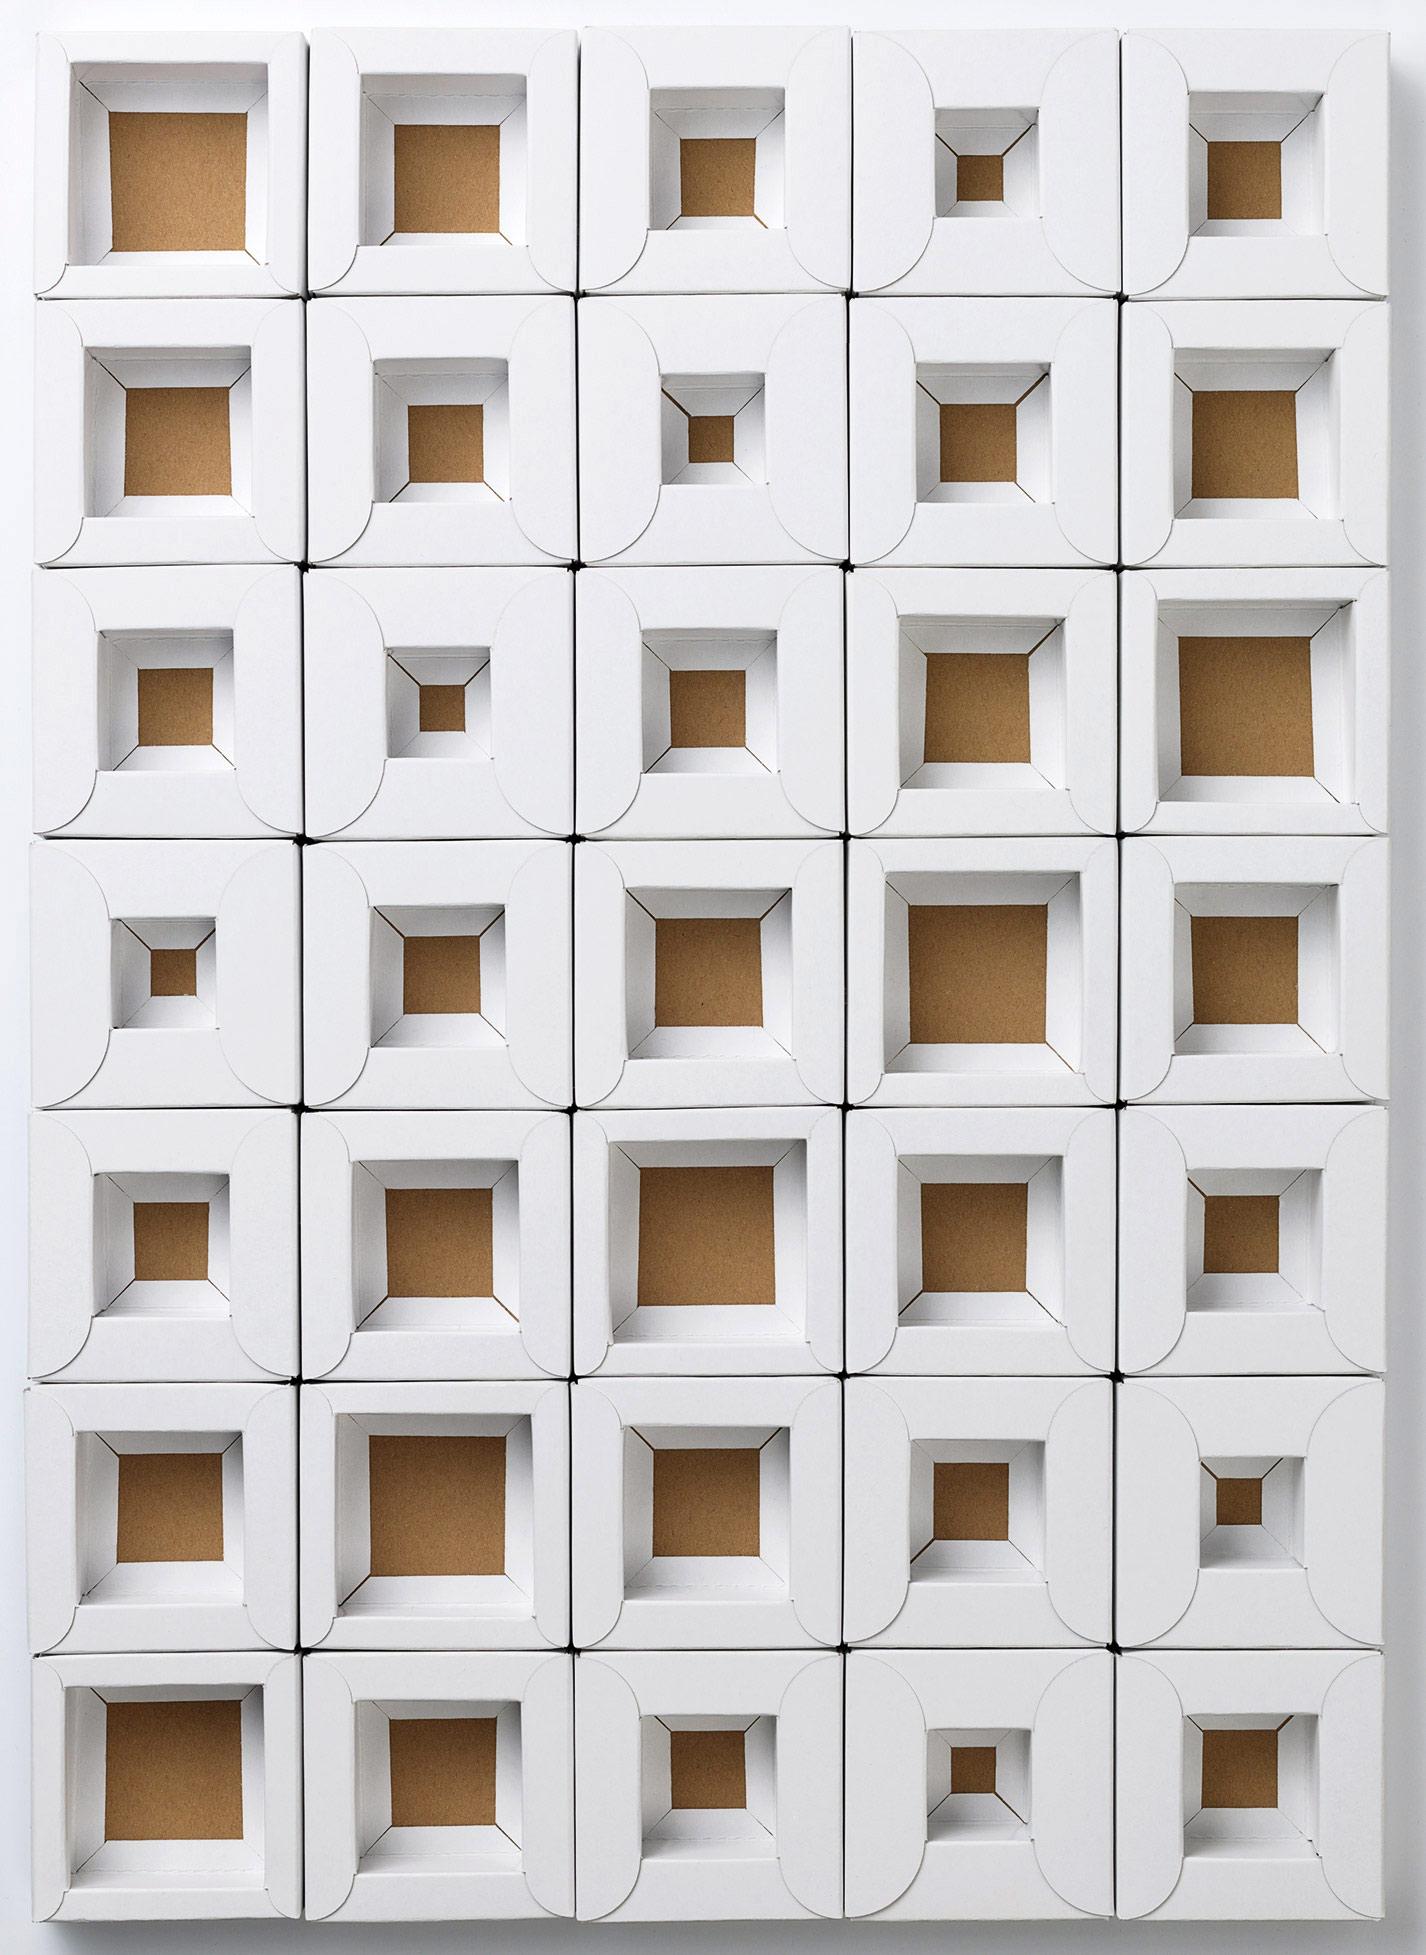 Mayr-Melnhof Geschäftsbericht Sujet Artwork Hohlwand